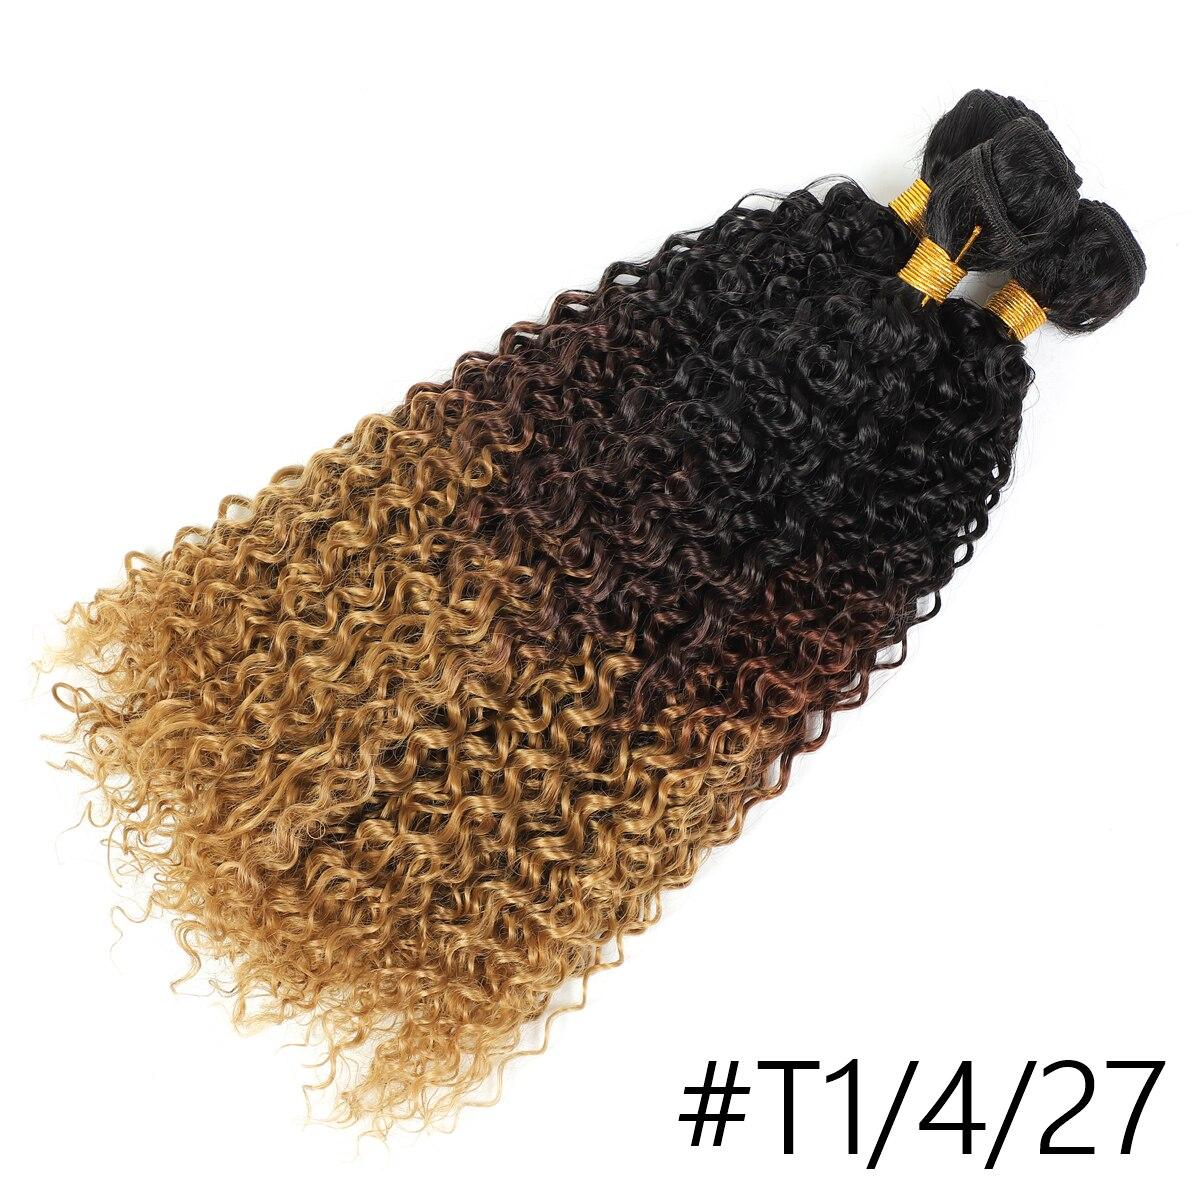 máquina trama cabelo tecelagem ombre cor tramas